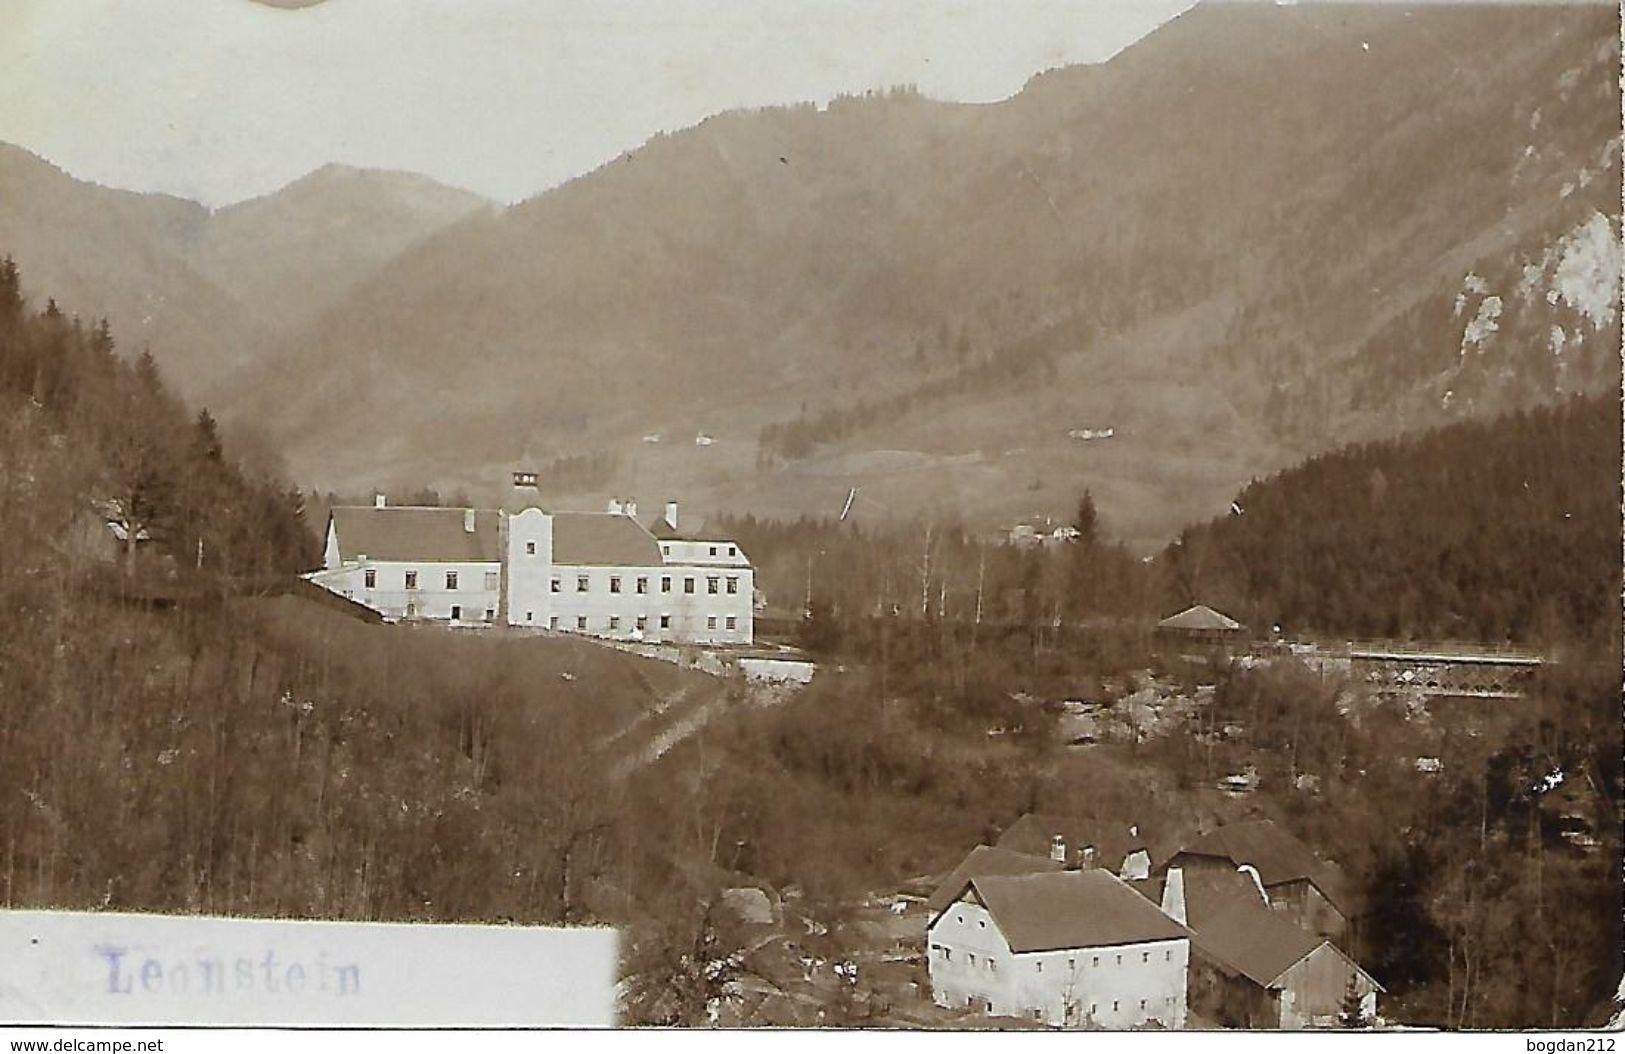 1907 - LEONSTEIN, Gute Zustand, 2 Scan - Österreich